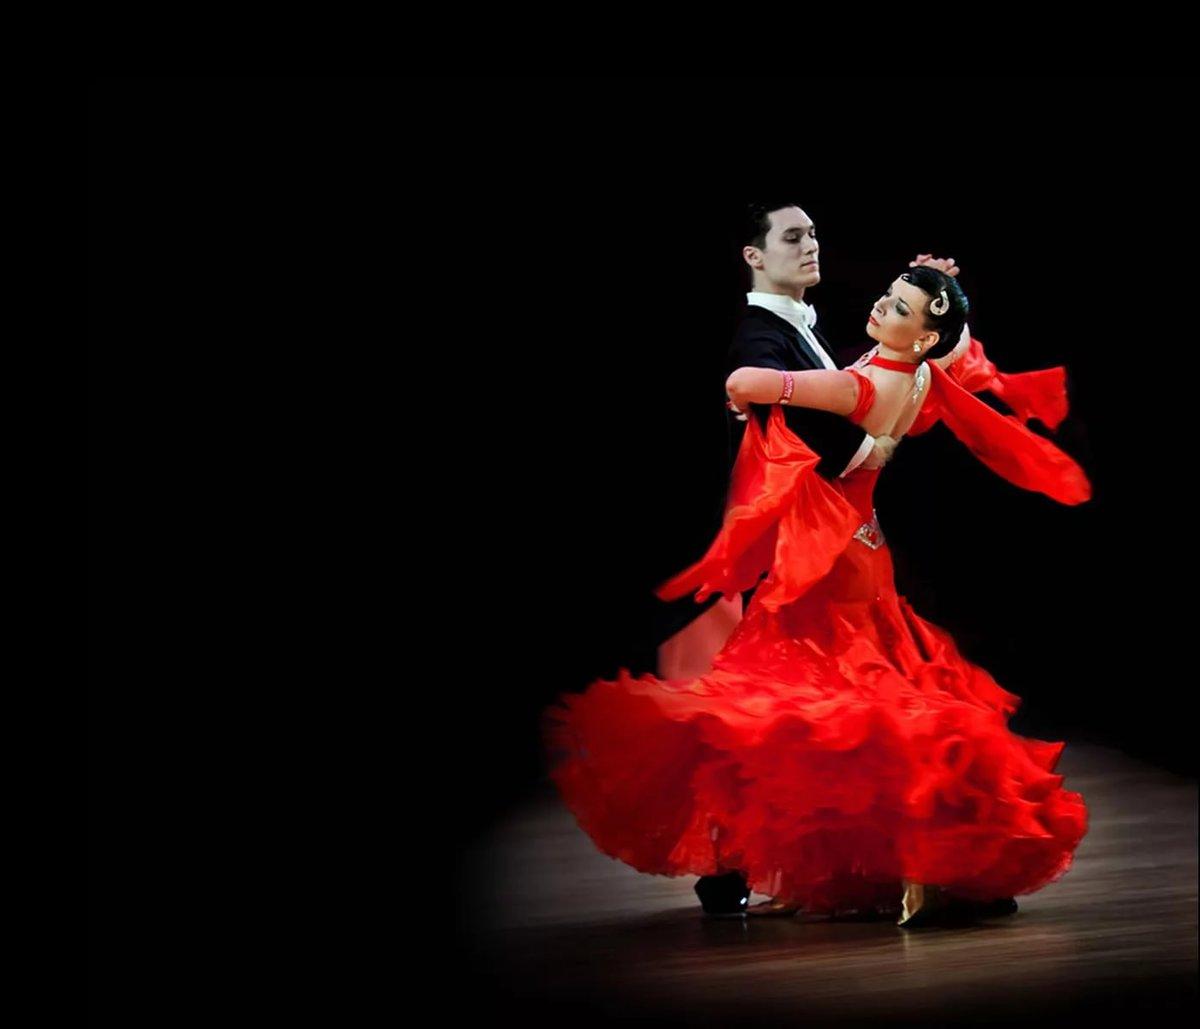 создании красивые картинки бальные танцы сих пор знаете